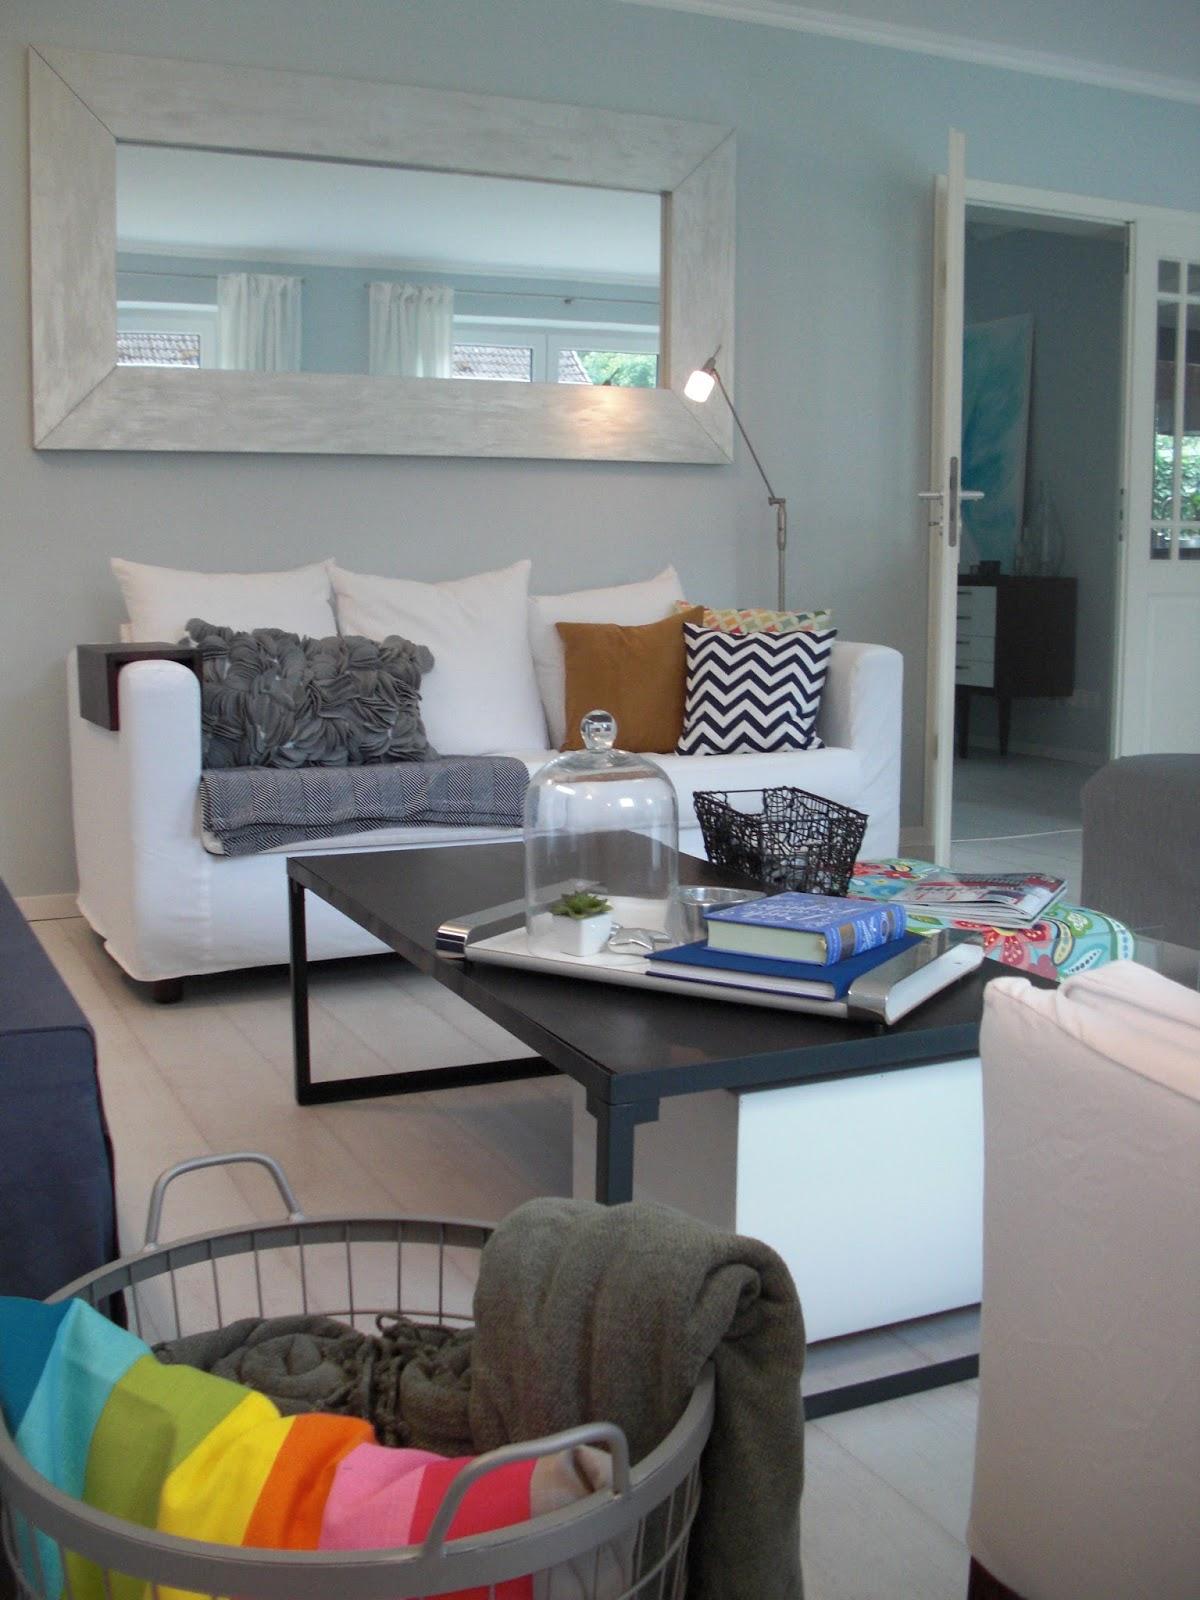 heim-elich: endlich ein silberner Spiegel